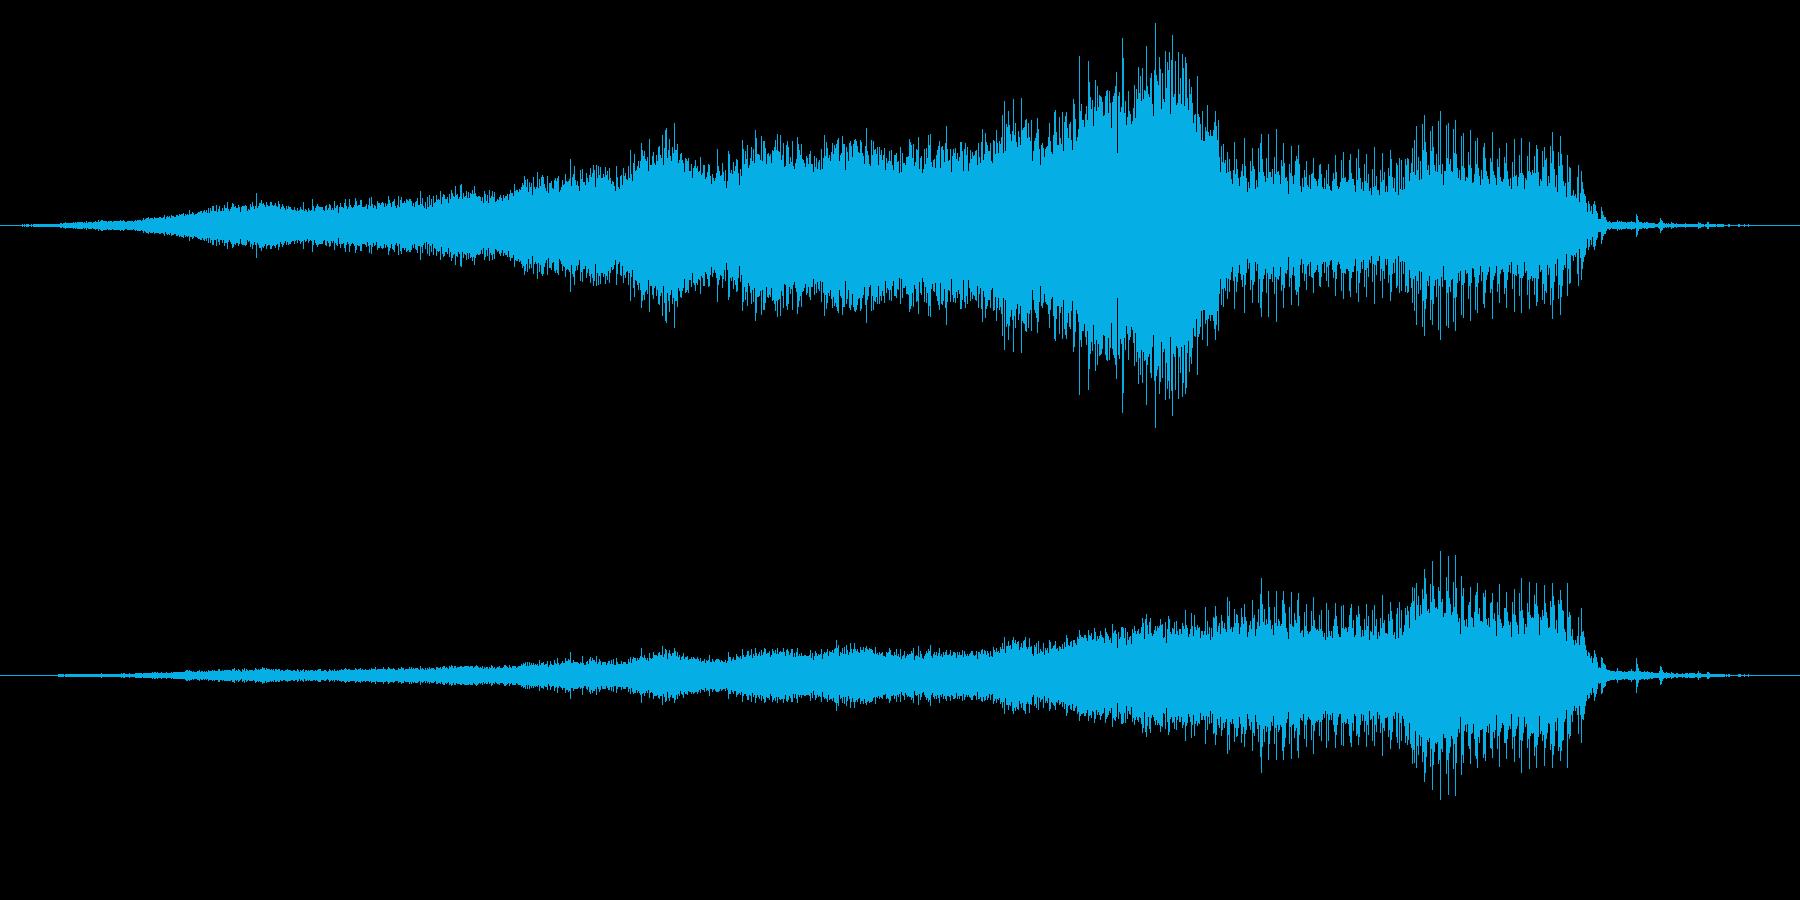 Suburu Imprezza S...の再生済みの波形